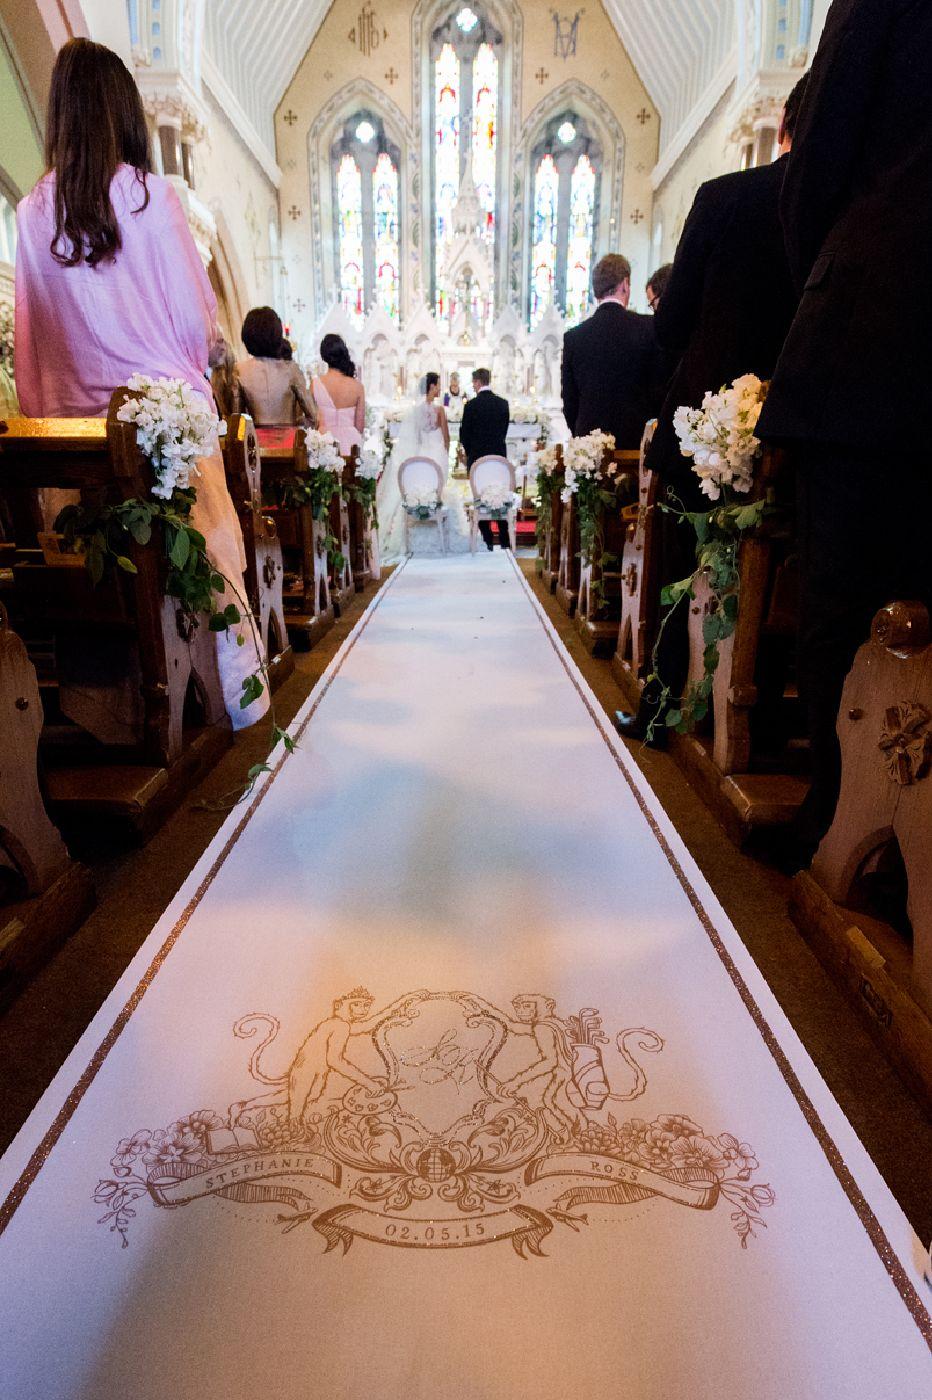 Monogramed isle during wedding ceremony.